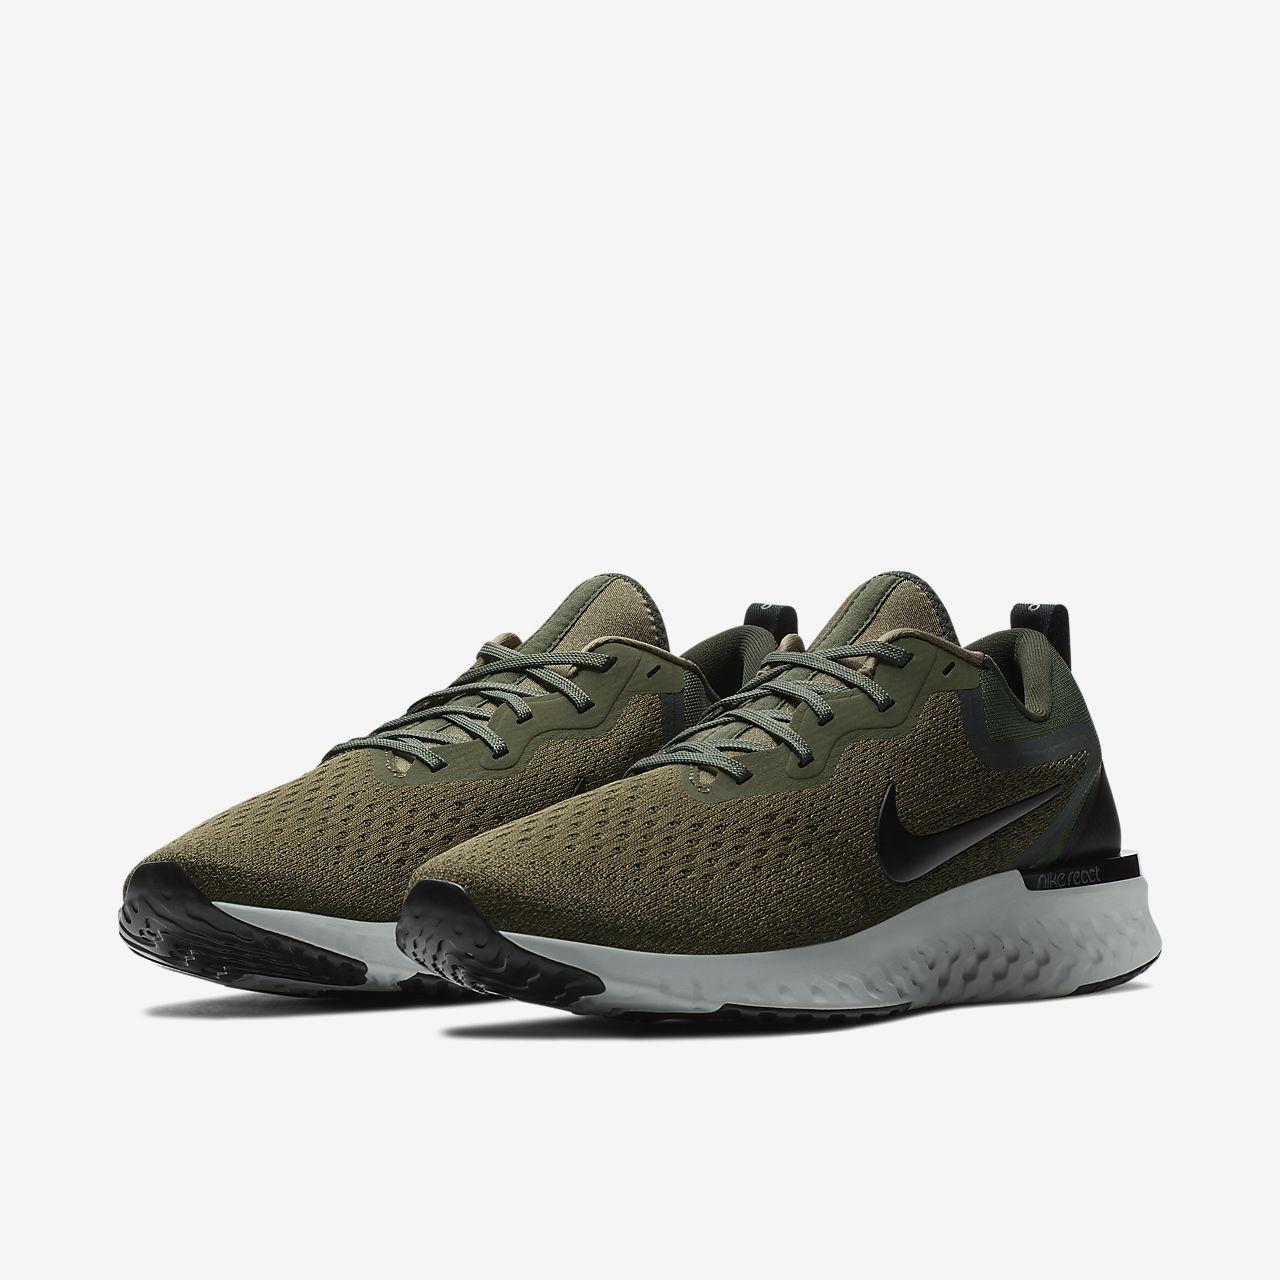 9187e742b649 Nike Odyssey React Running Shoes AO9819-003